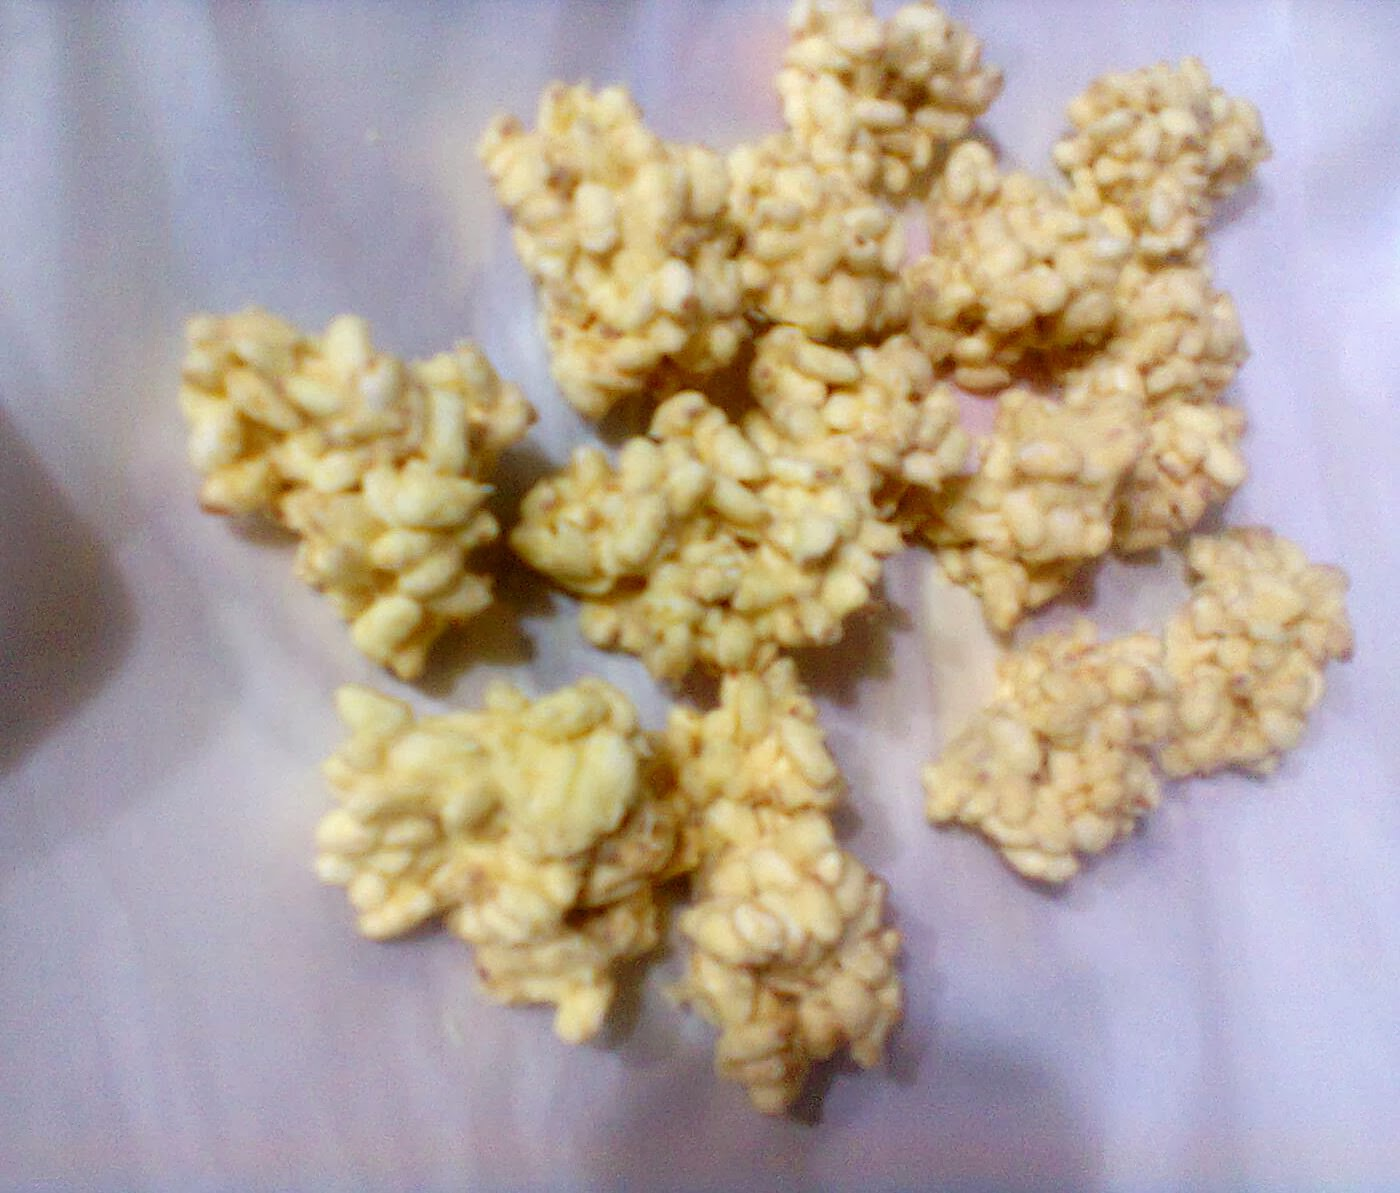 ricetta dolci giallo zafferano blog cucina a pummarola 'ncoppa cioccolato riso soffiato ricette veloci dell'ultimo minuto ospiti improvvisi cucina